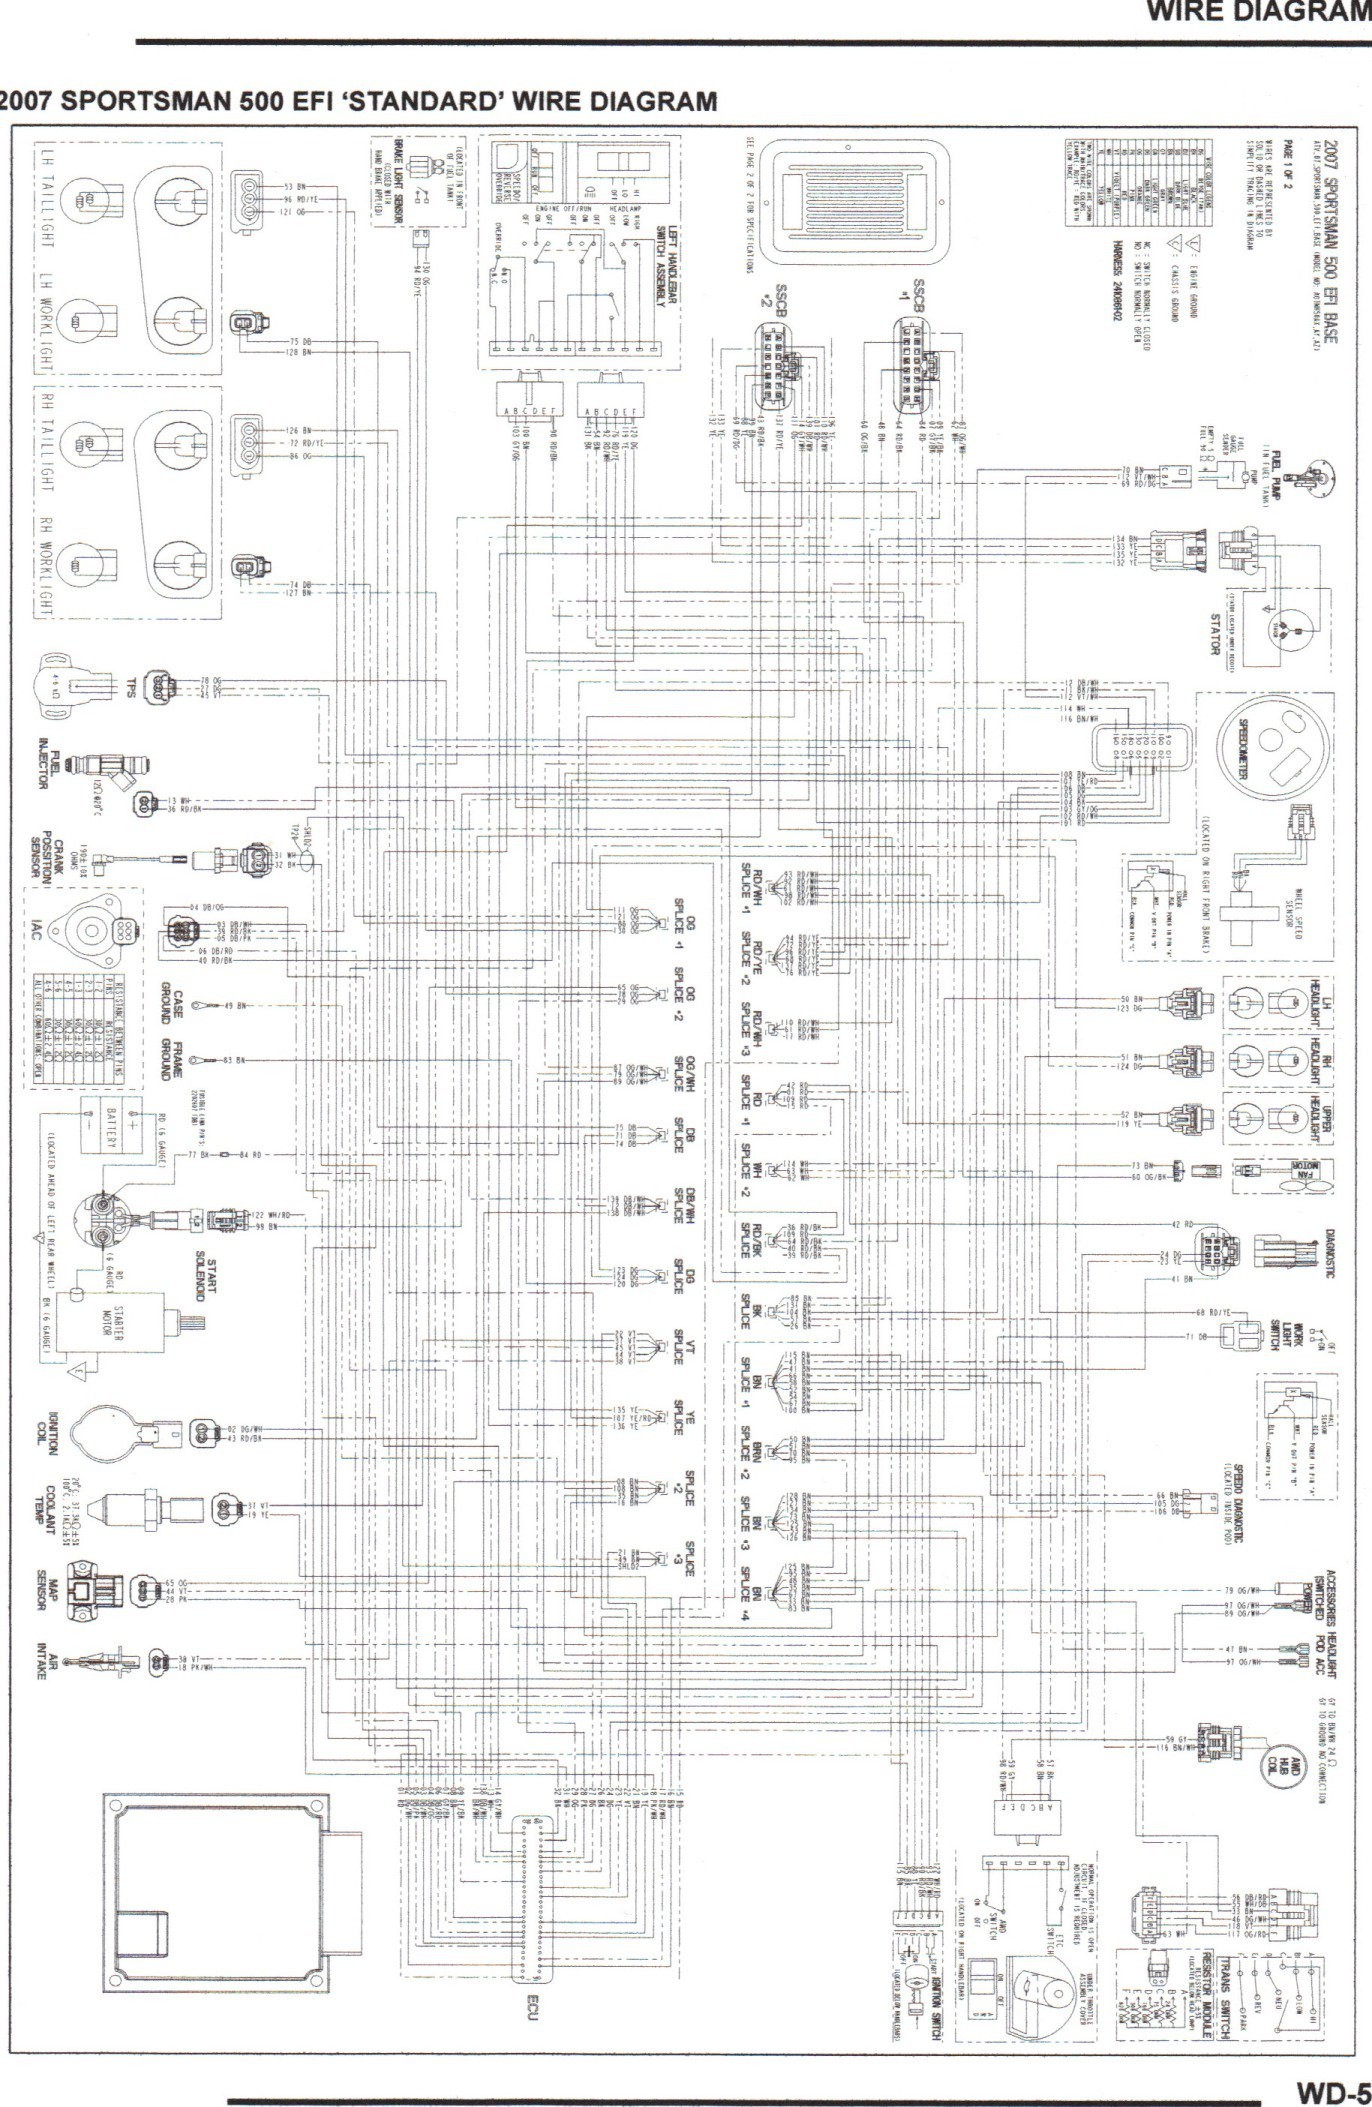 polaris 500 wiring diagram building wiring98 polaris 500 scrambler wiring diagram wiring diagrams polaris indy 500 wiring diagram polaris 500 wiring diagram